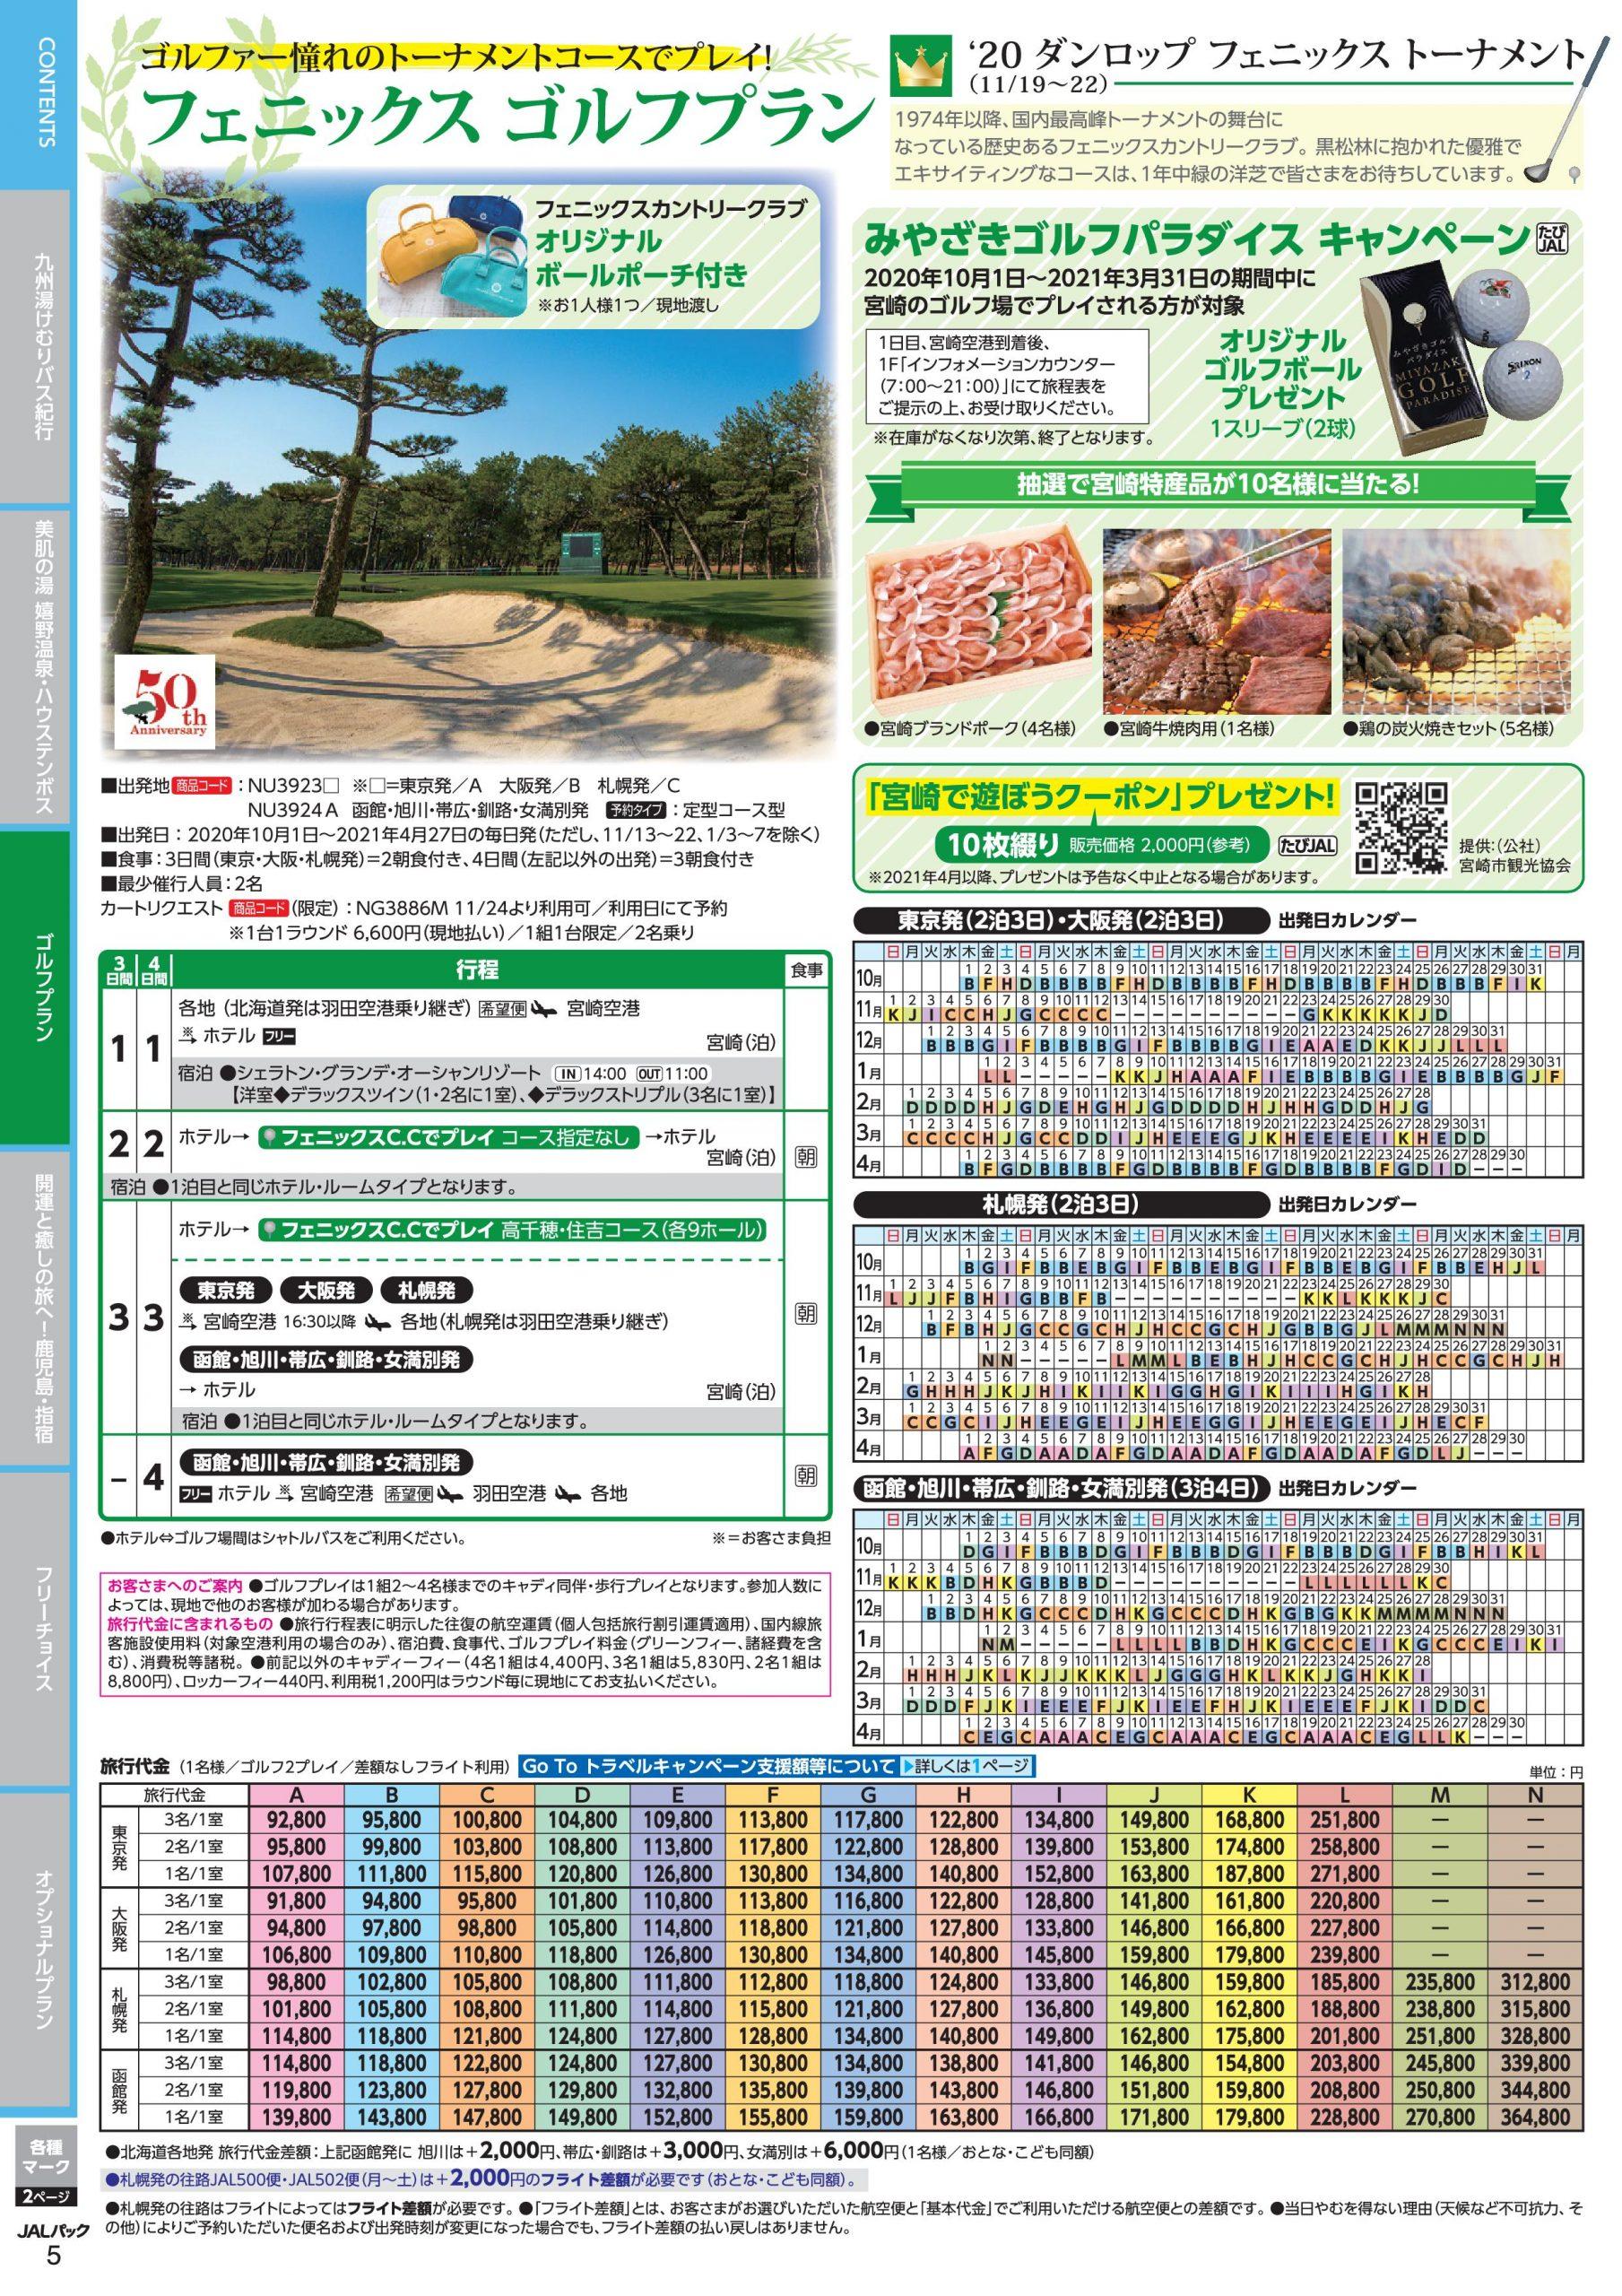 憧れの宮崎フェニックスCCゴルフプラン